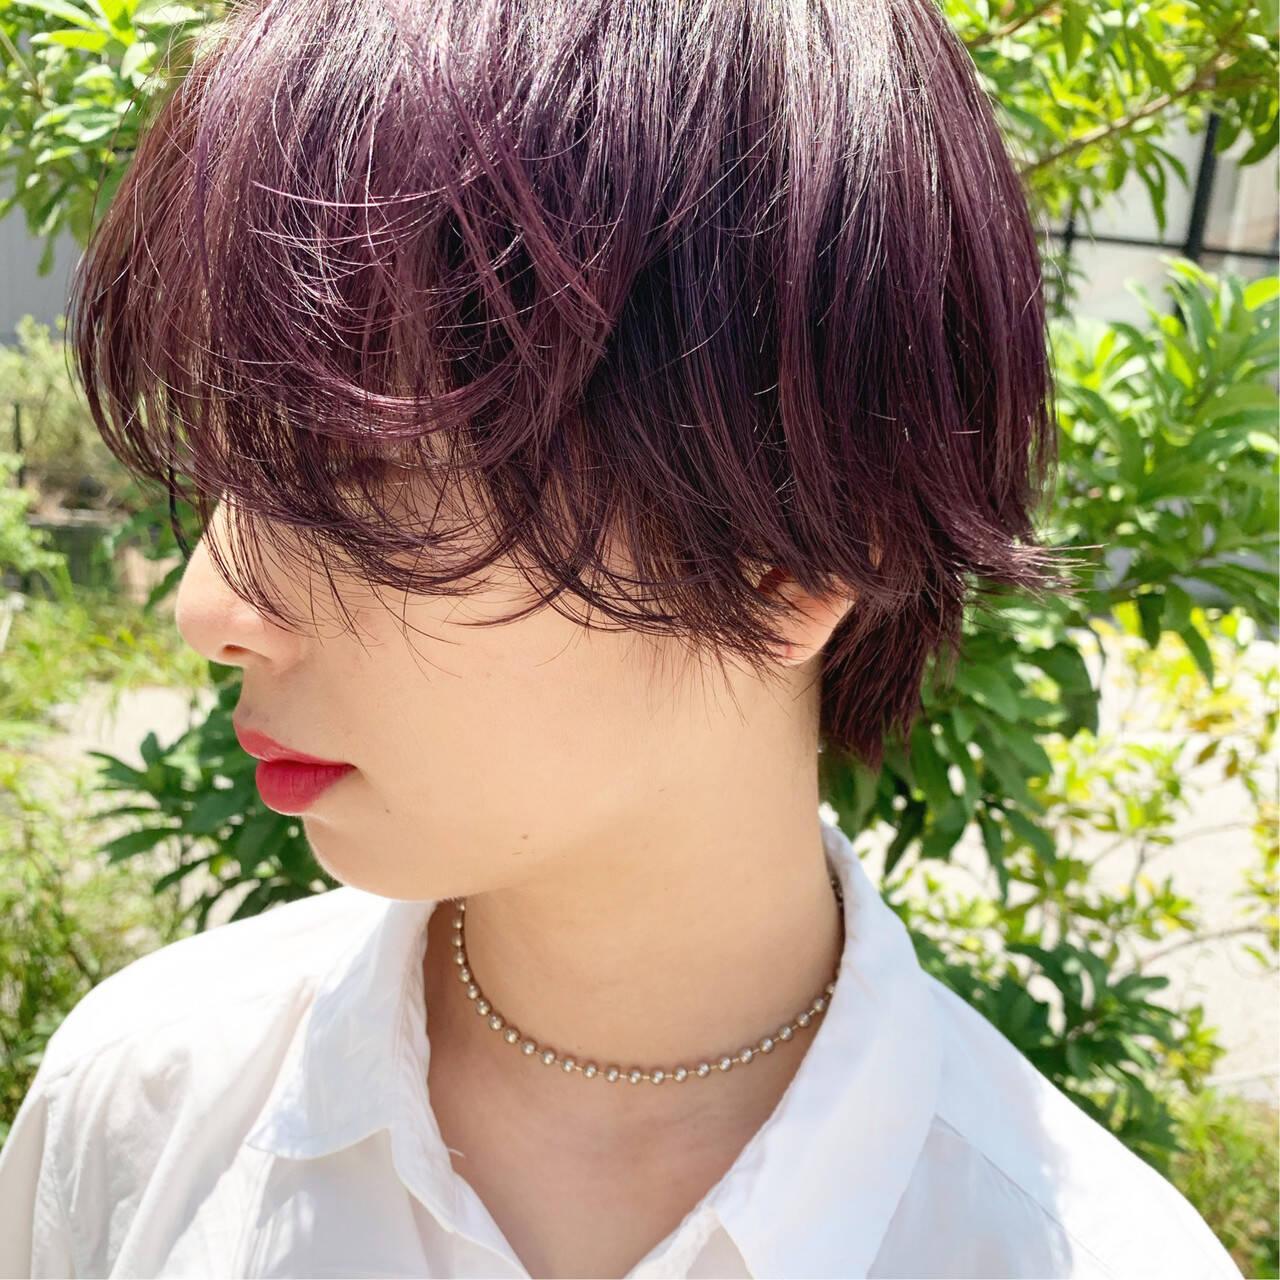 ピンクパープル ナチュラル パープルカラー ショートヘアスタイルや髪型の写真・画像